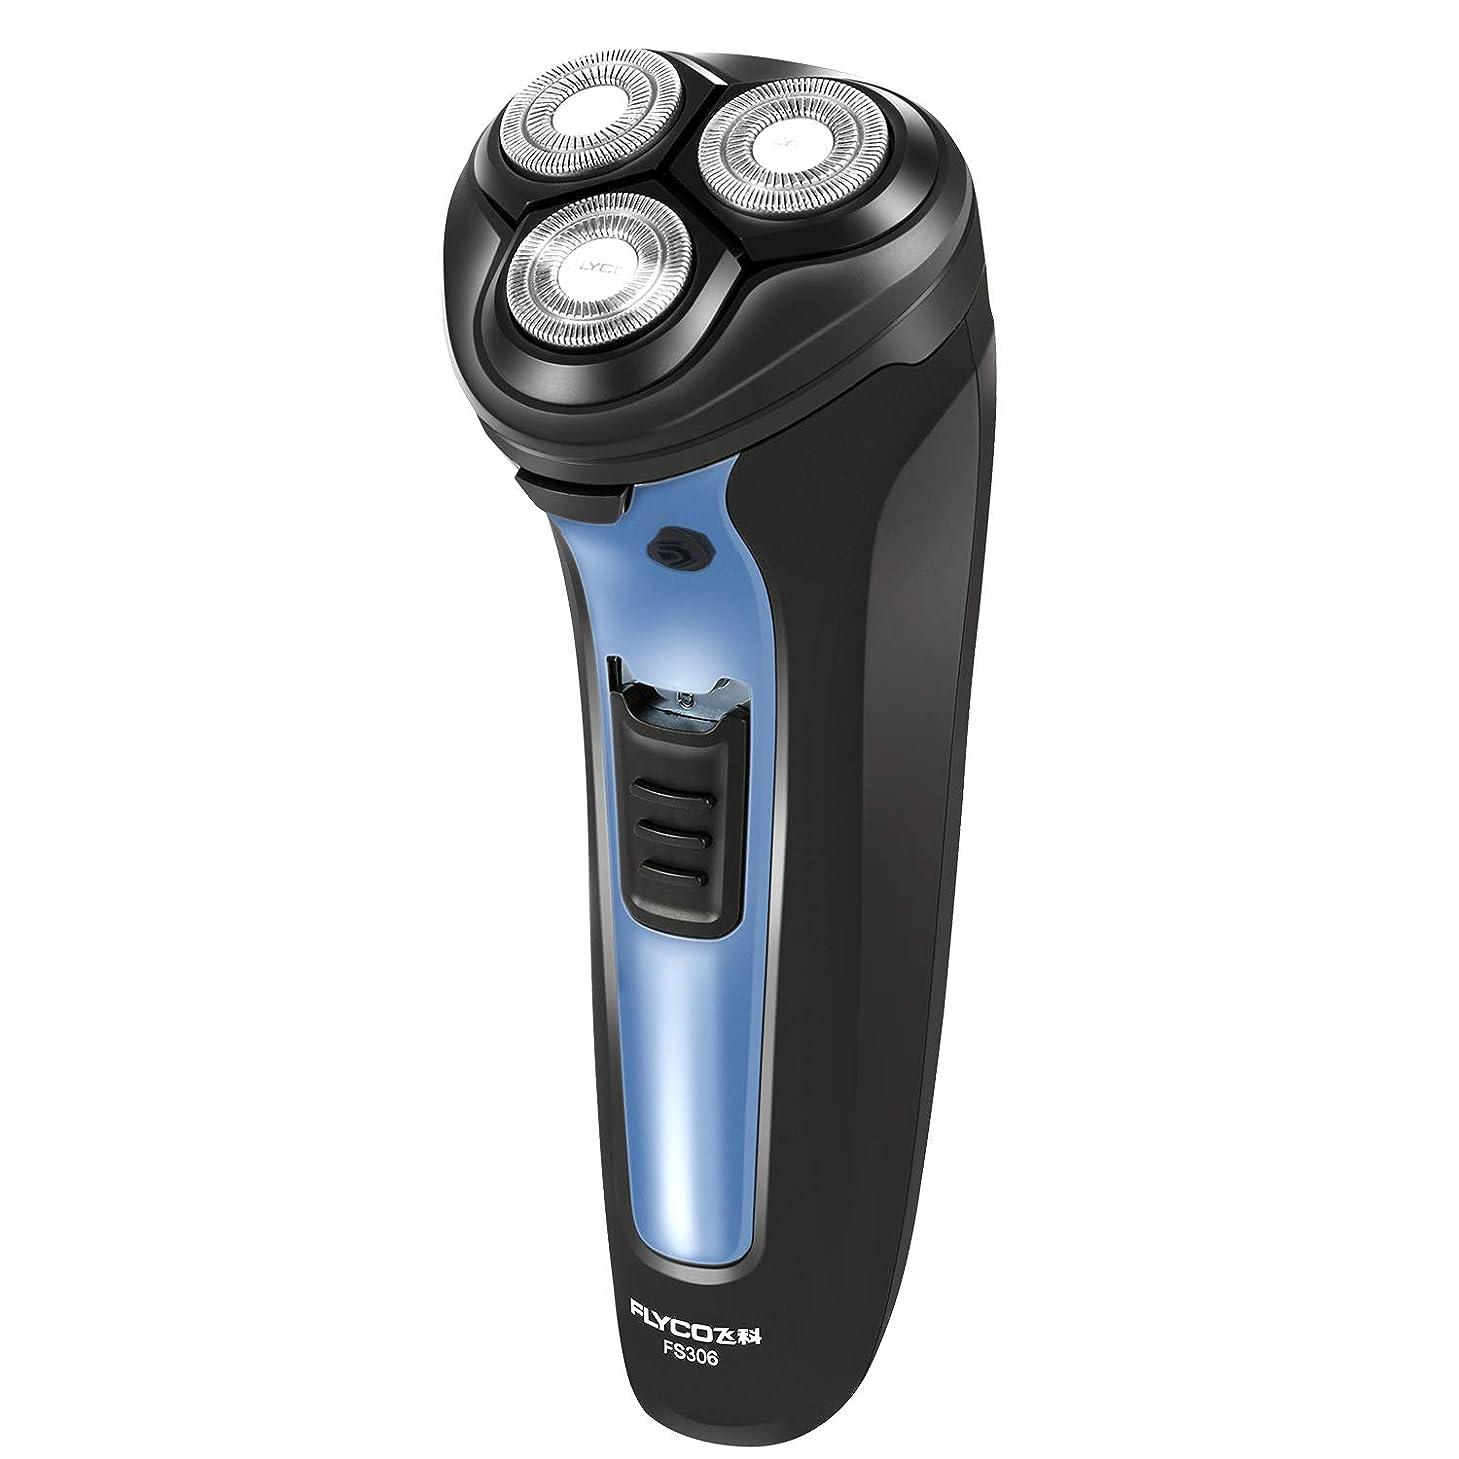 特派員ギャンブルアンタゴニストFLYCO 電気シェーバー 髭剃り メンズシェーバー 電気カミソリ 回転式 3枚刃 IPX7防水 お風呂剃り 水洗い可能